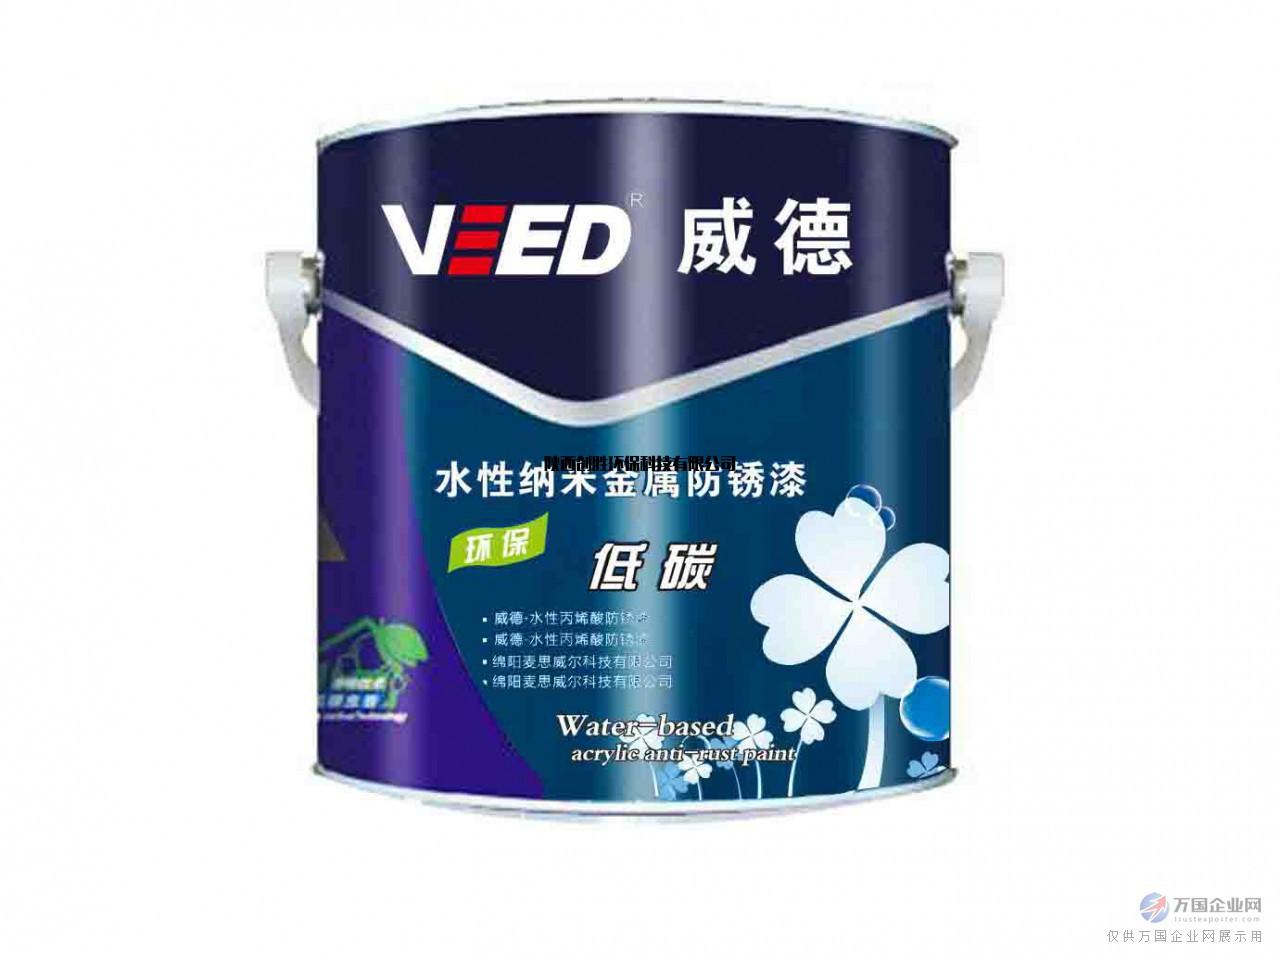 威德牌水性醇酸金属防锈漆产品具有漆膜硬度高耐水性好防锈能力强